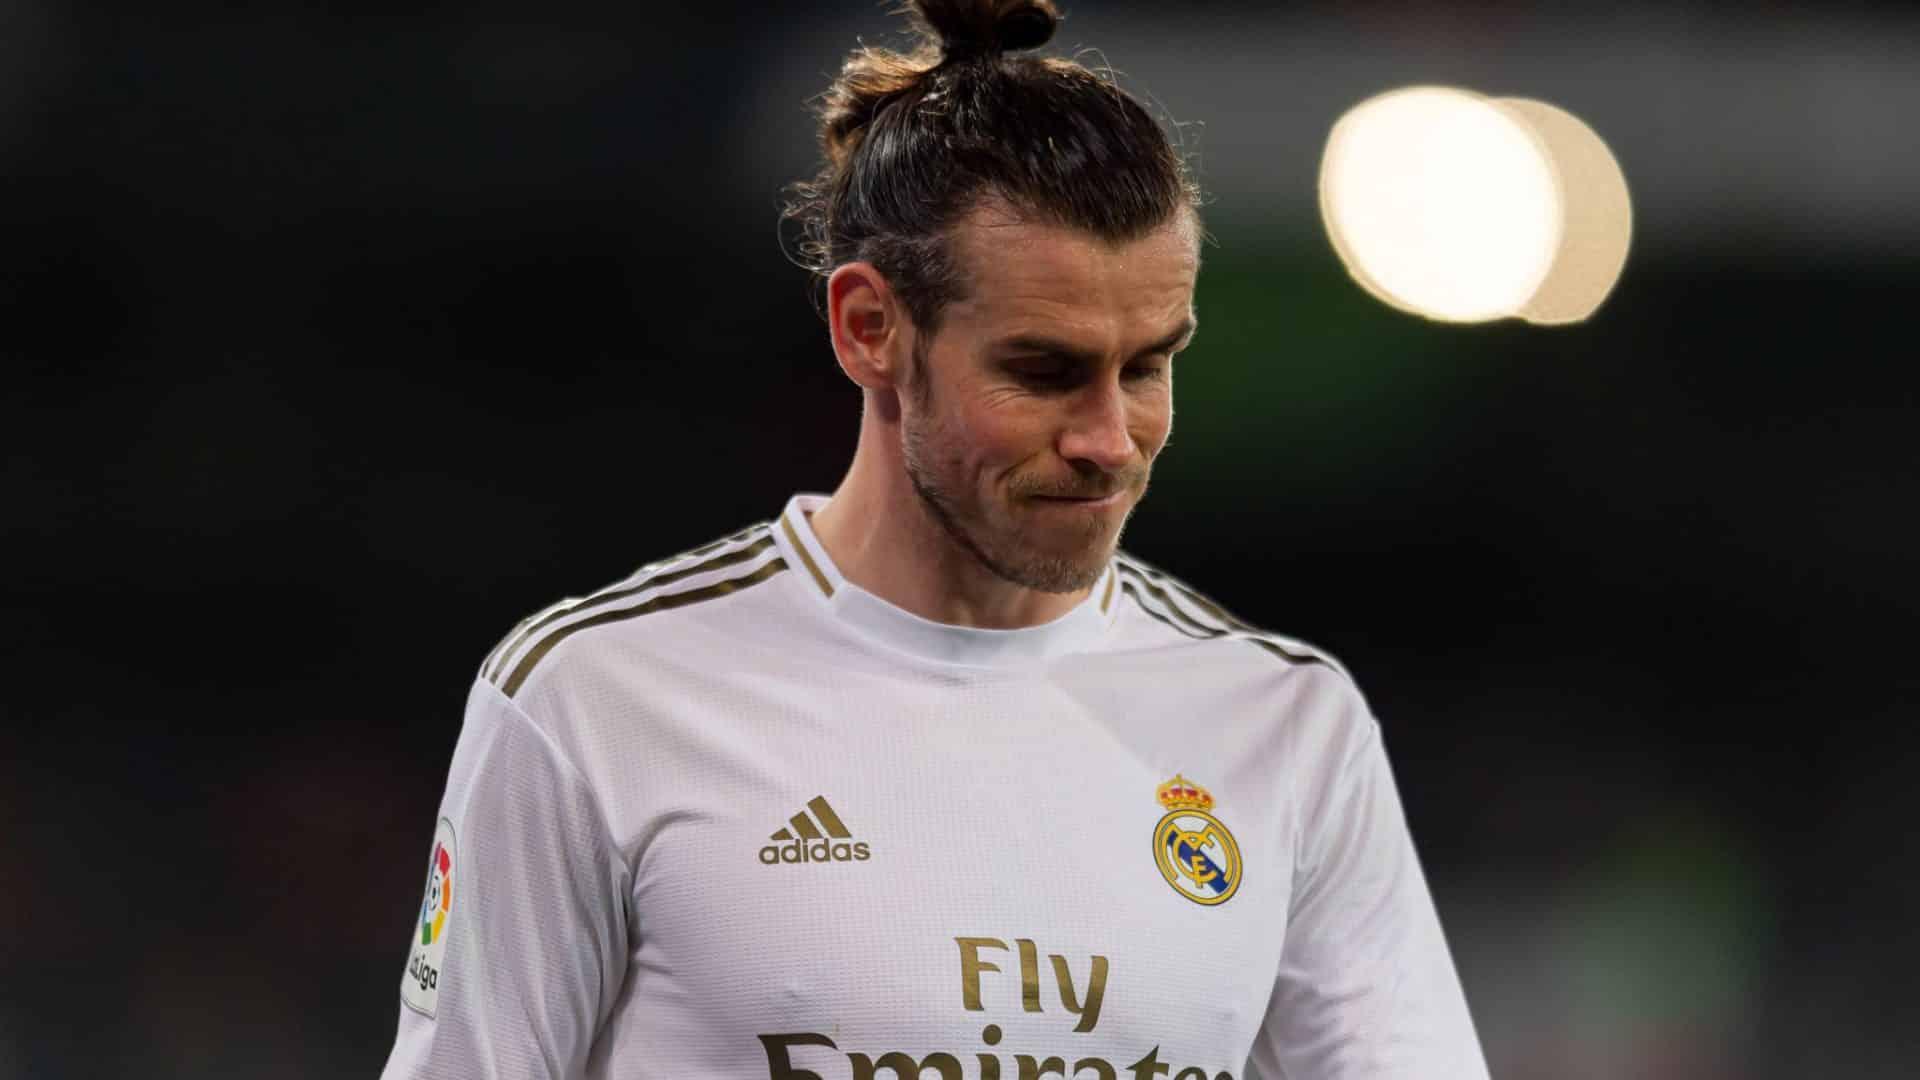 Jogador de futebol mais rico do mundo, quem é e quanto é sua fortuna?